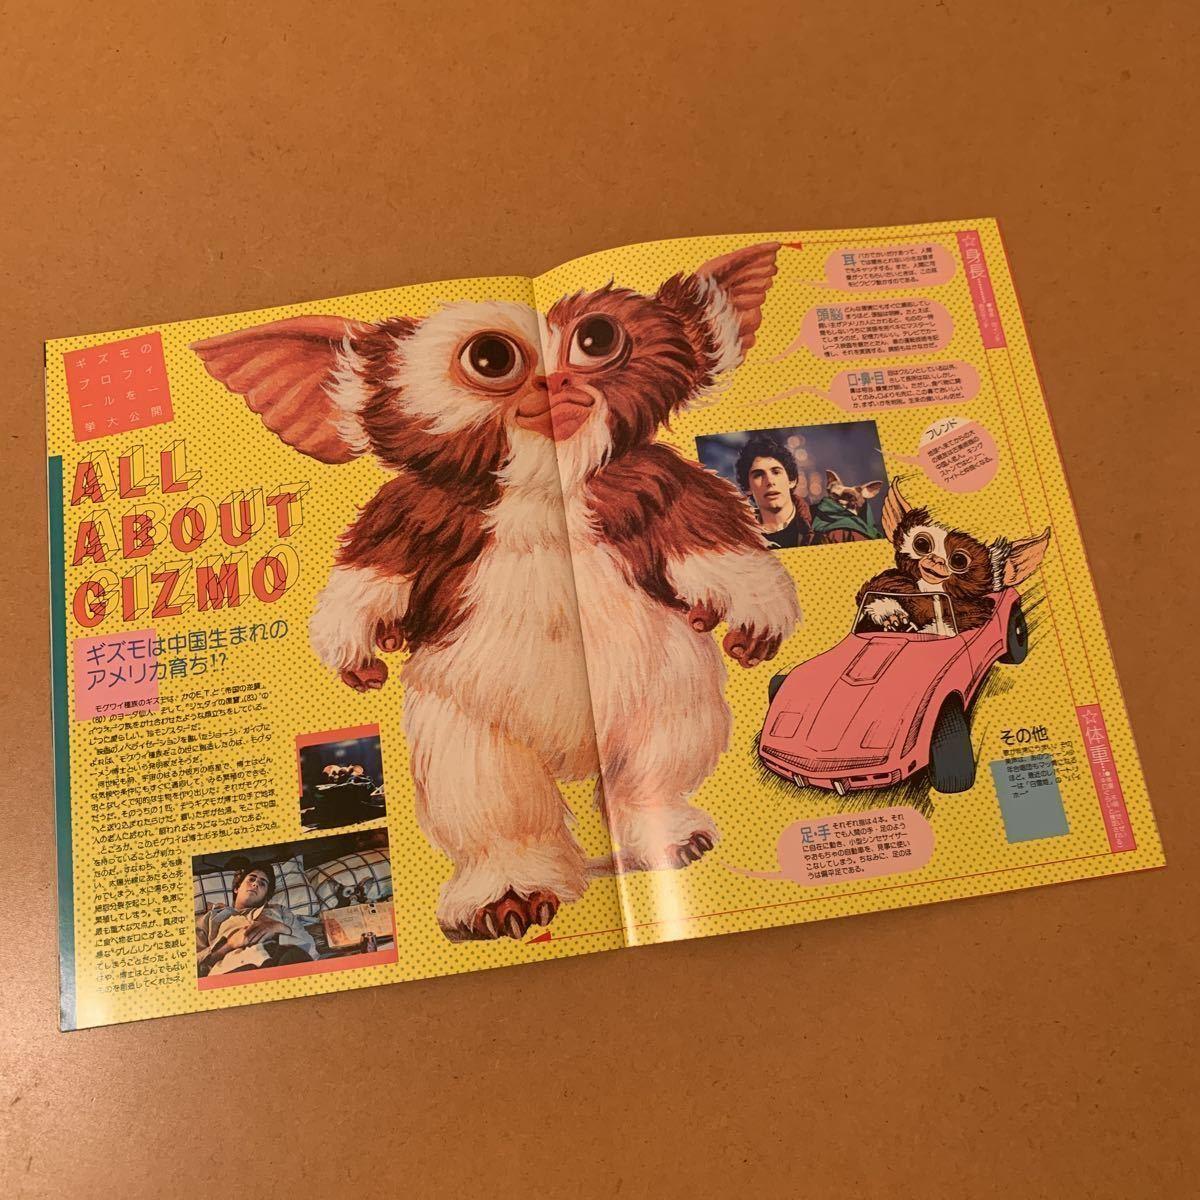 【映画パンフレット】『グレムリン』1984年公開作品 製作総指揮 スティーブン・スピルバーグ_画像5